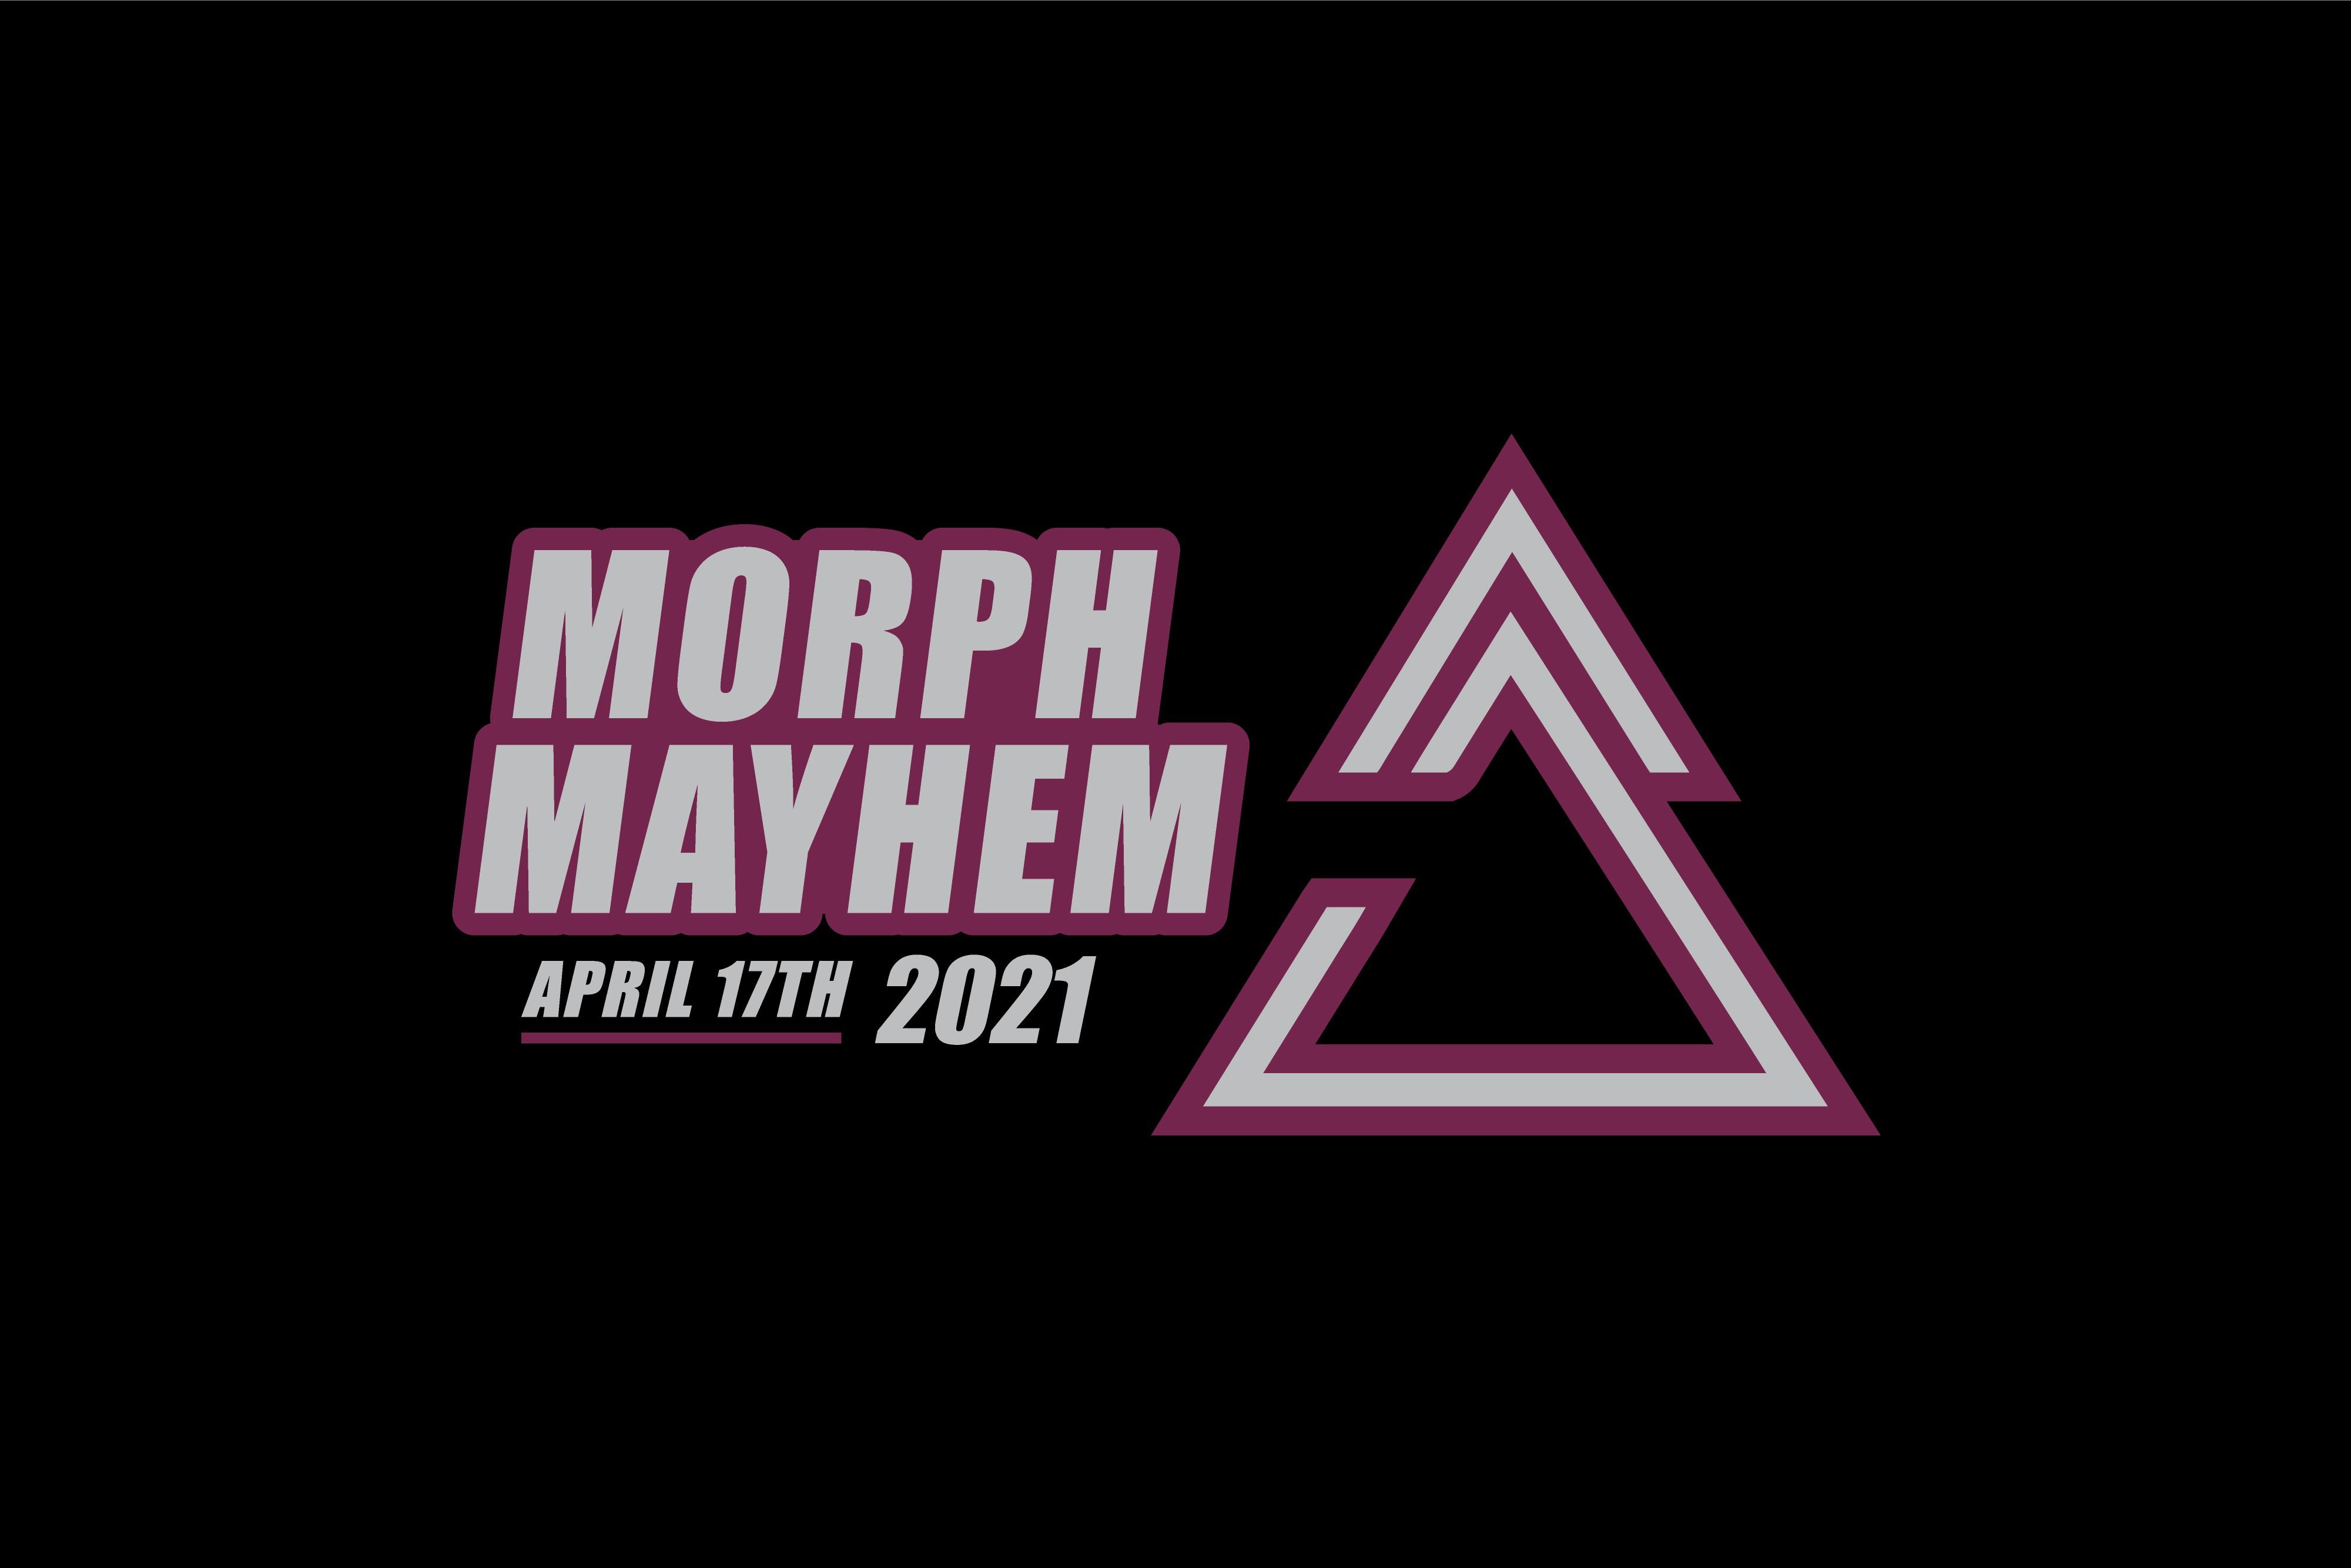 Morph Mayhem